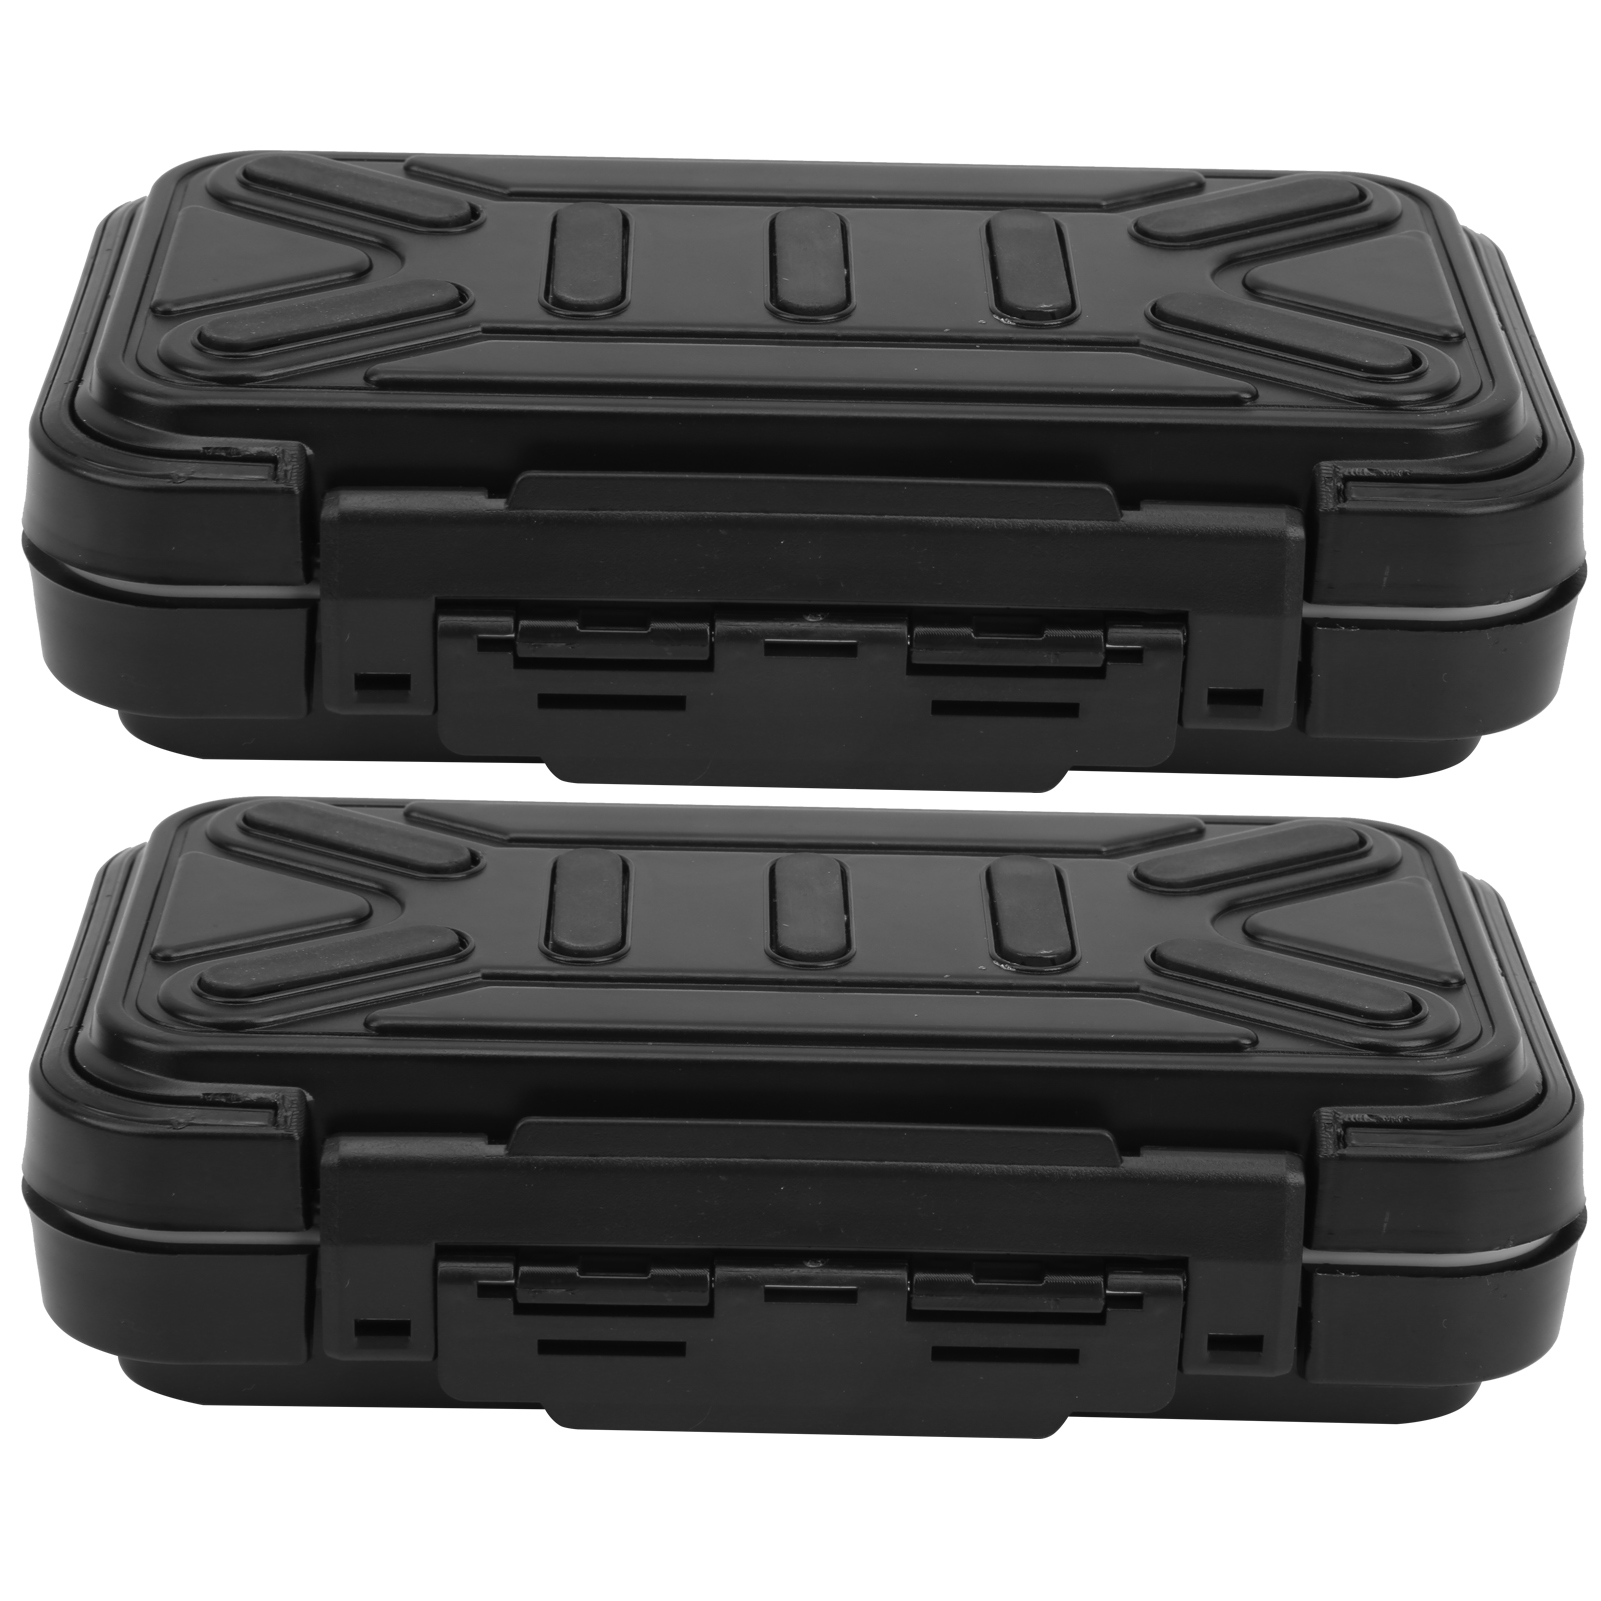 2Pcs Portable Waterproof Fishing Bait Case ABS Rubber Wearproof Storage Box New